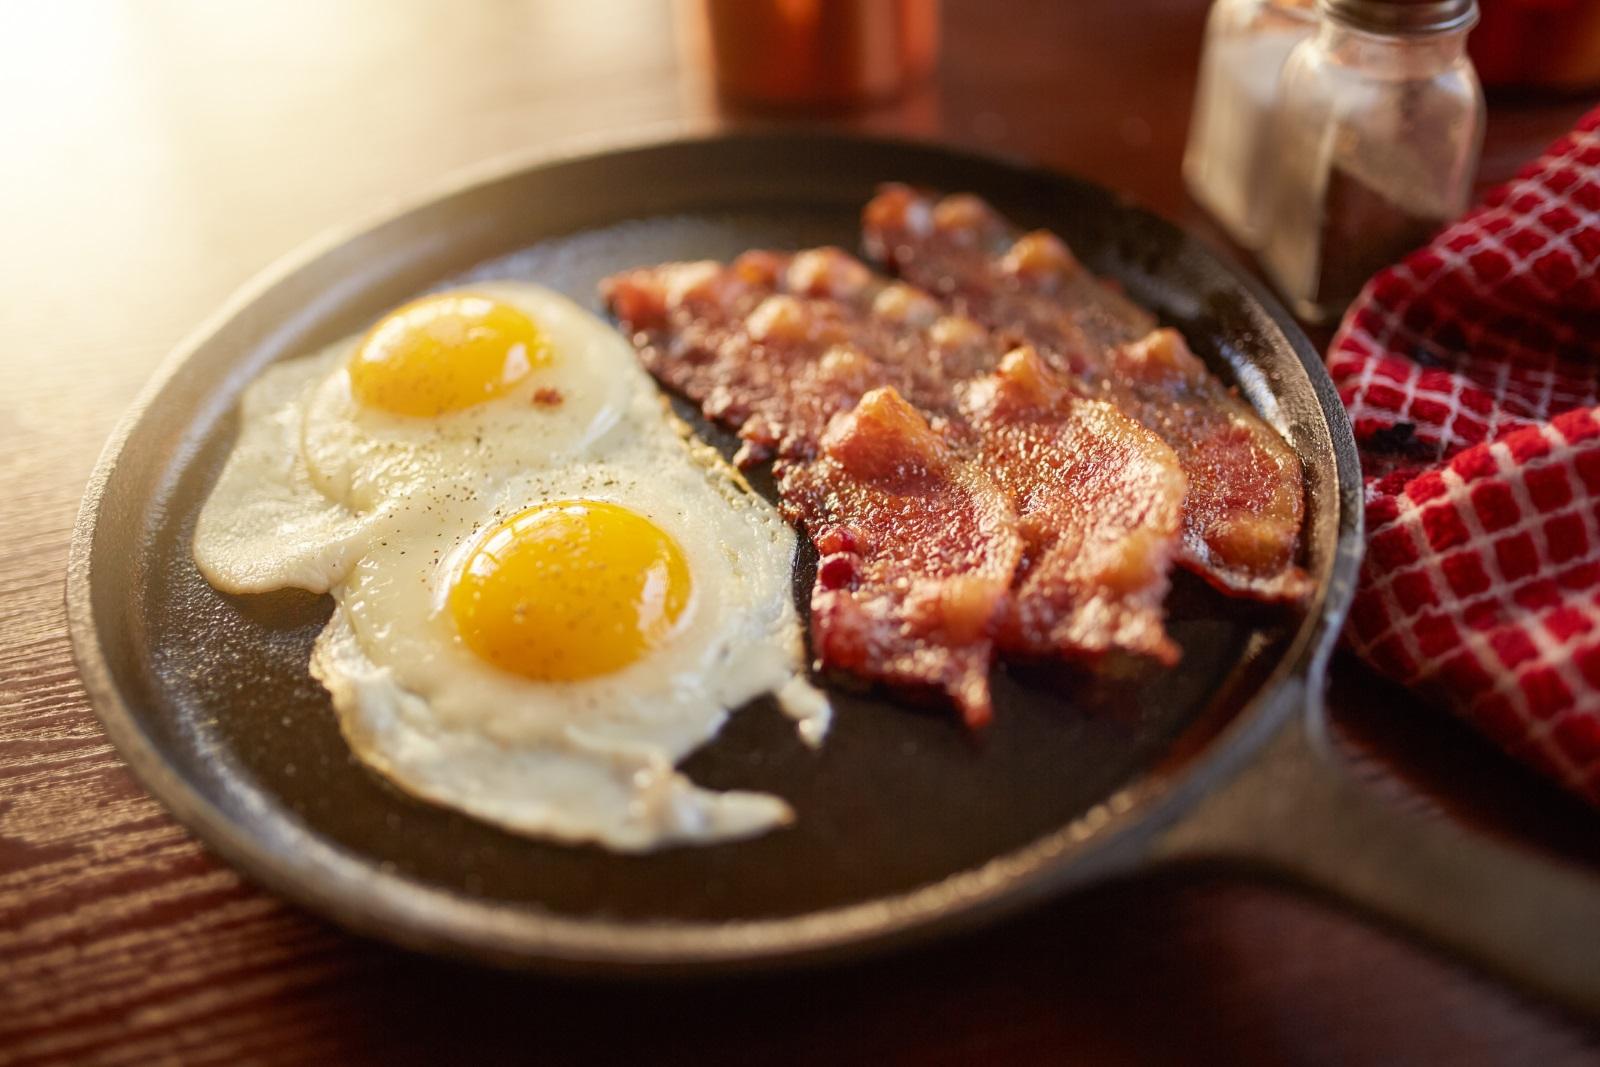 Везните се нуждаят от стабилно хранене на закуска, за да се заредят със сили и енергия за предстоящия ден. Набавят си ги с класическите яйца и бекон.